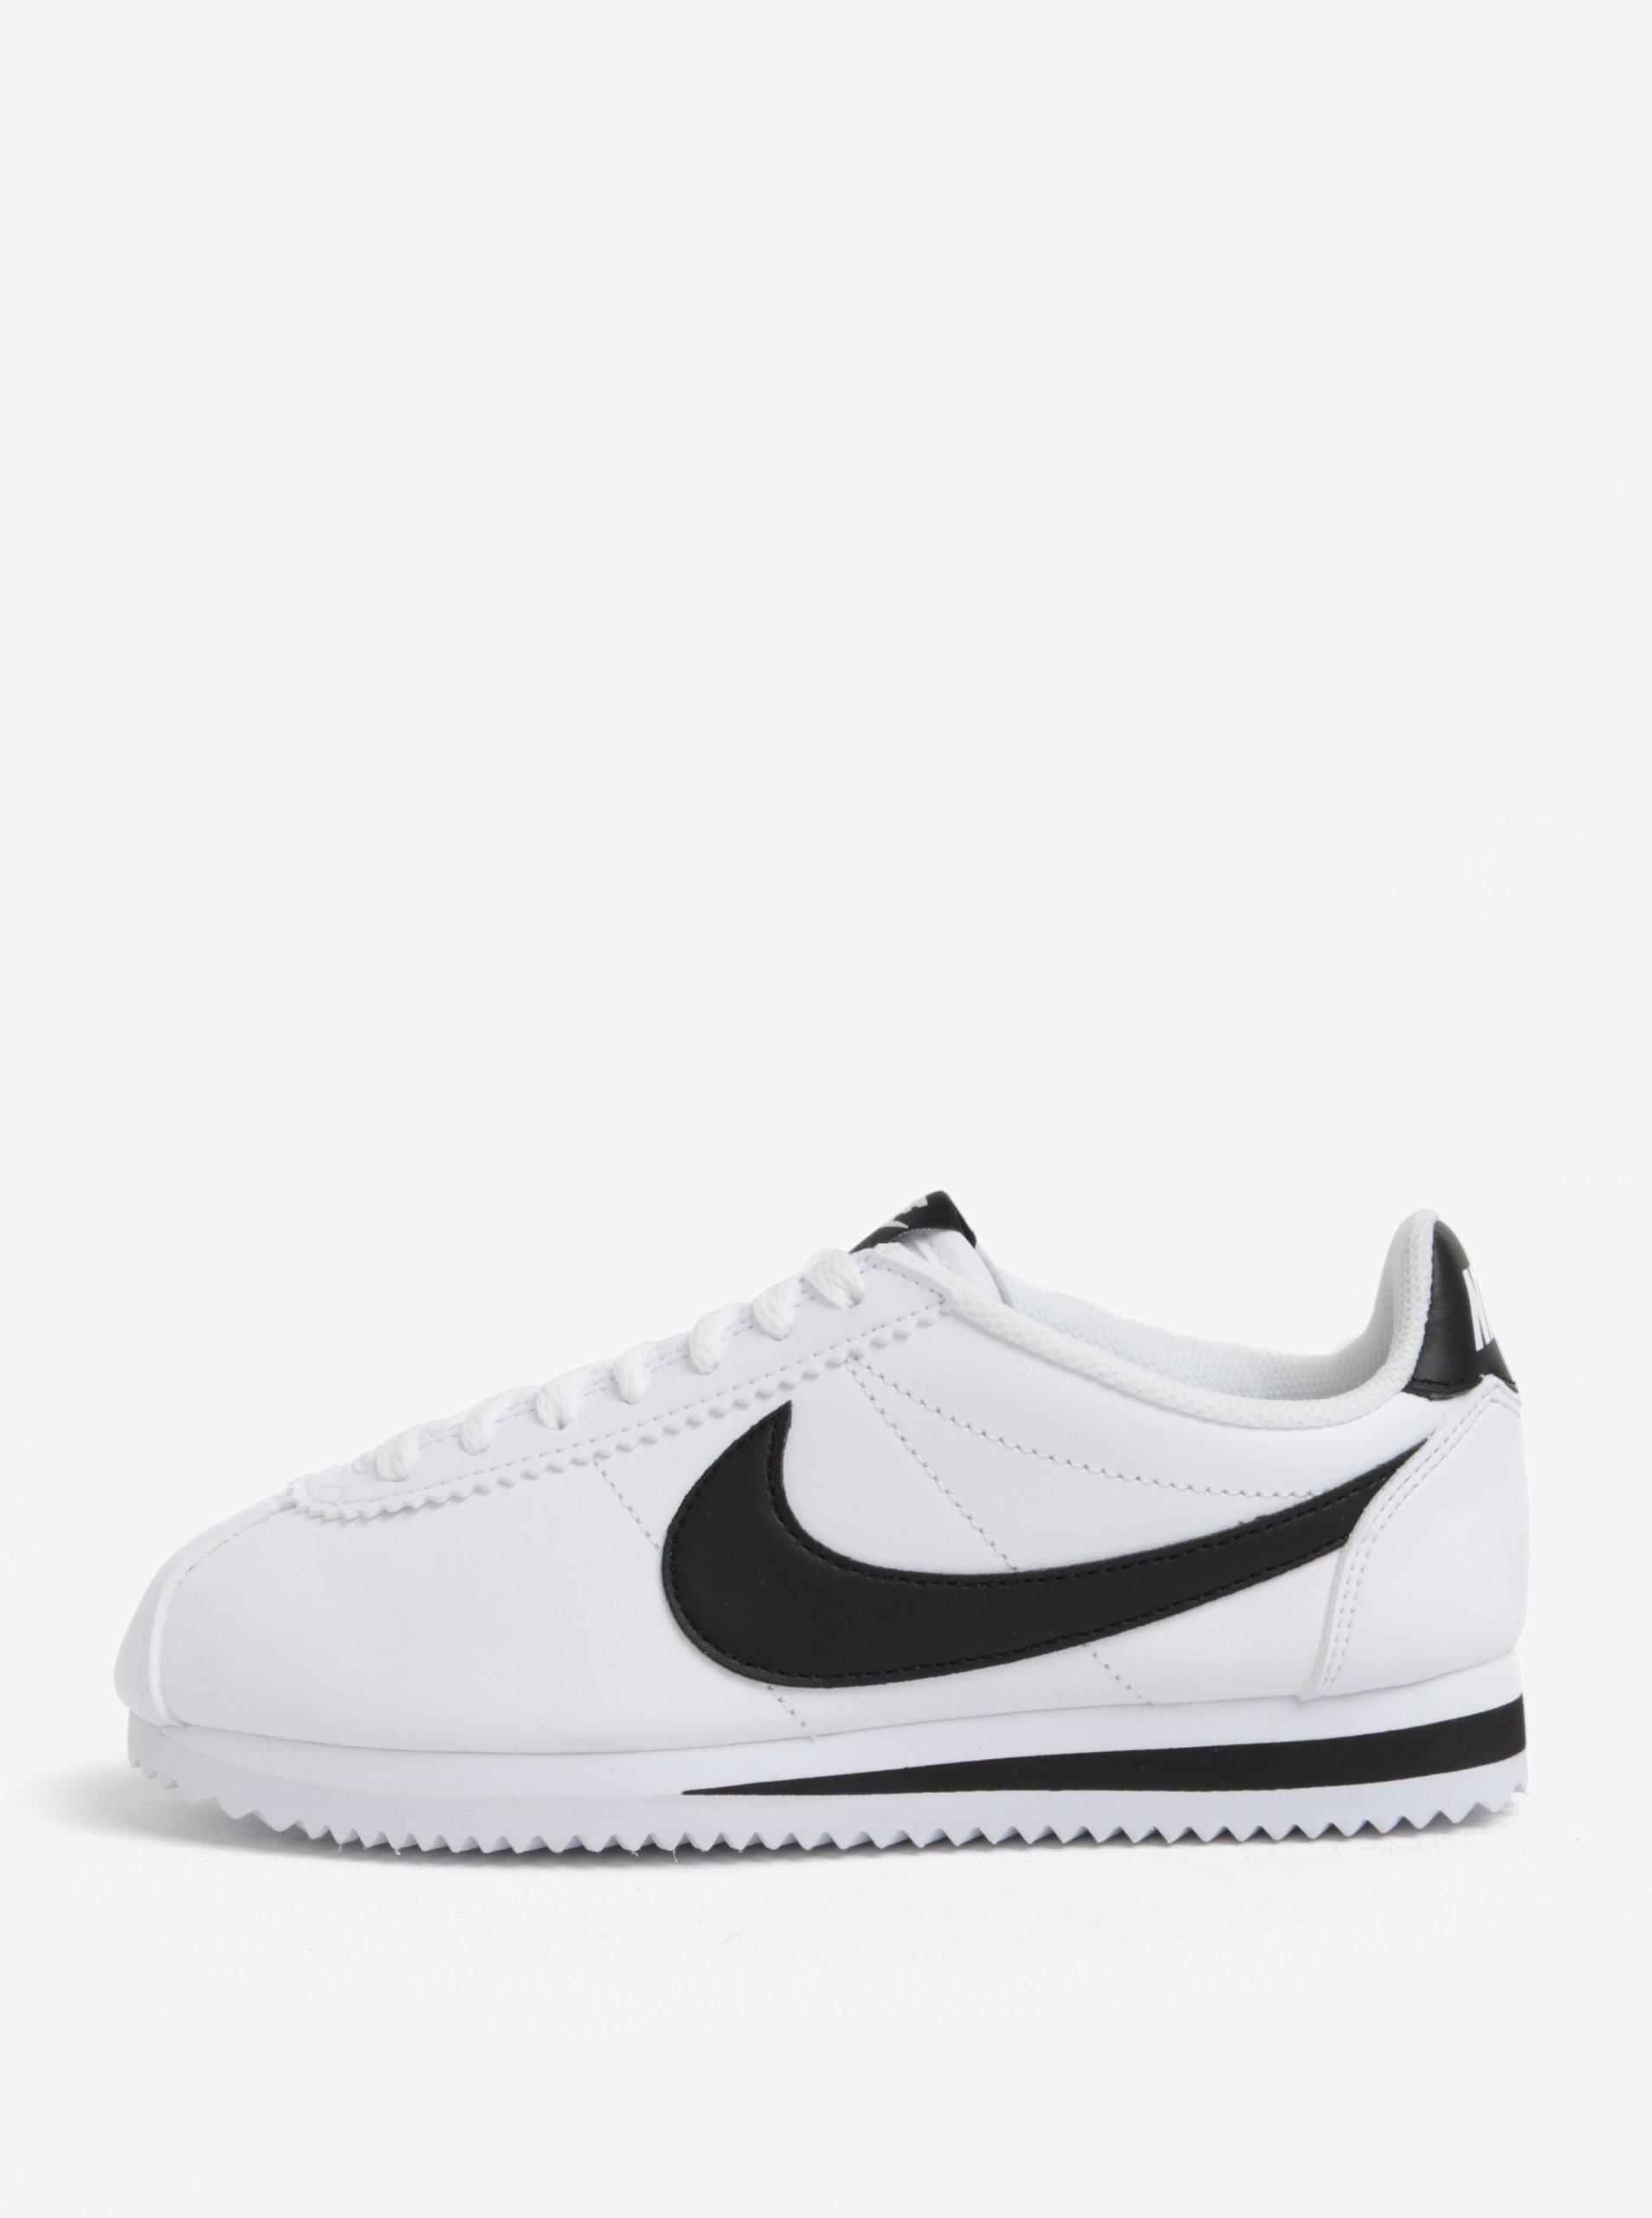 Čierno-biele dámske tenisky Nike Classic Cortez